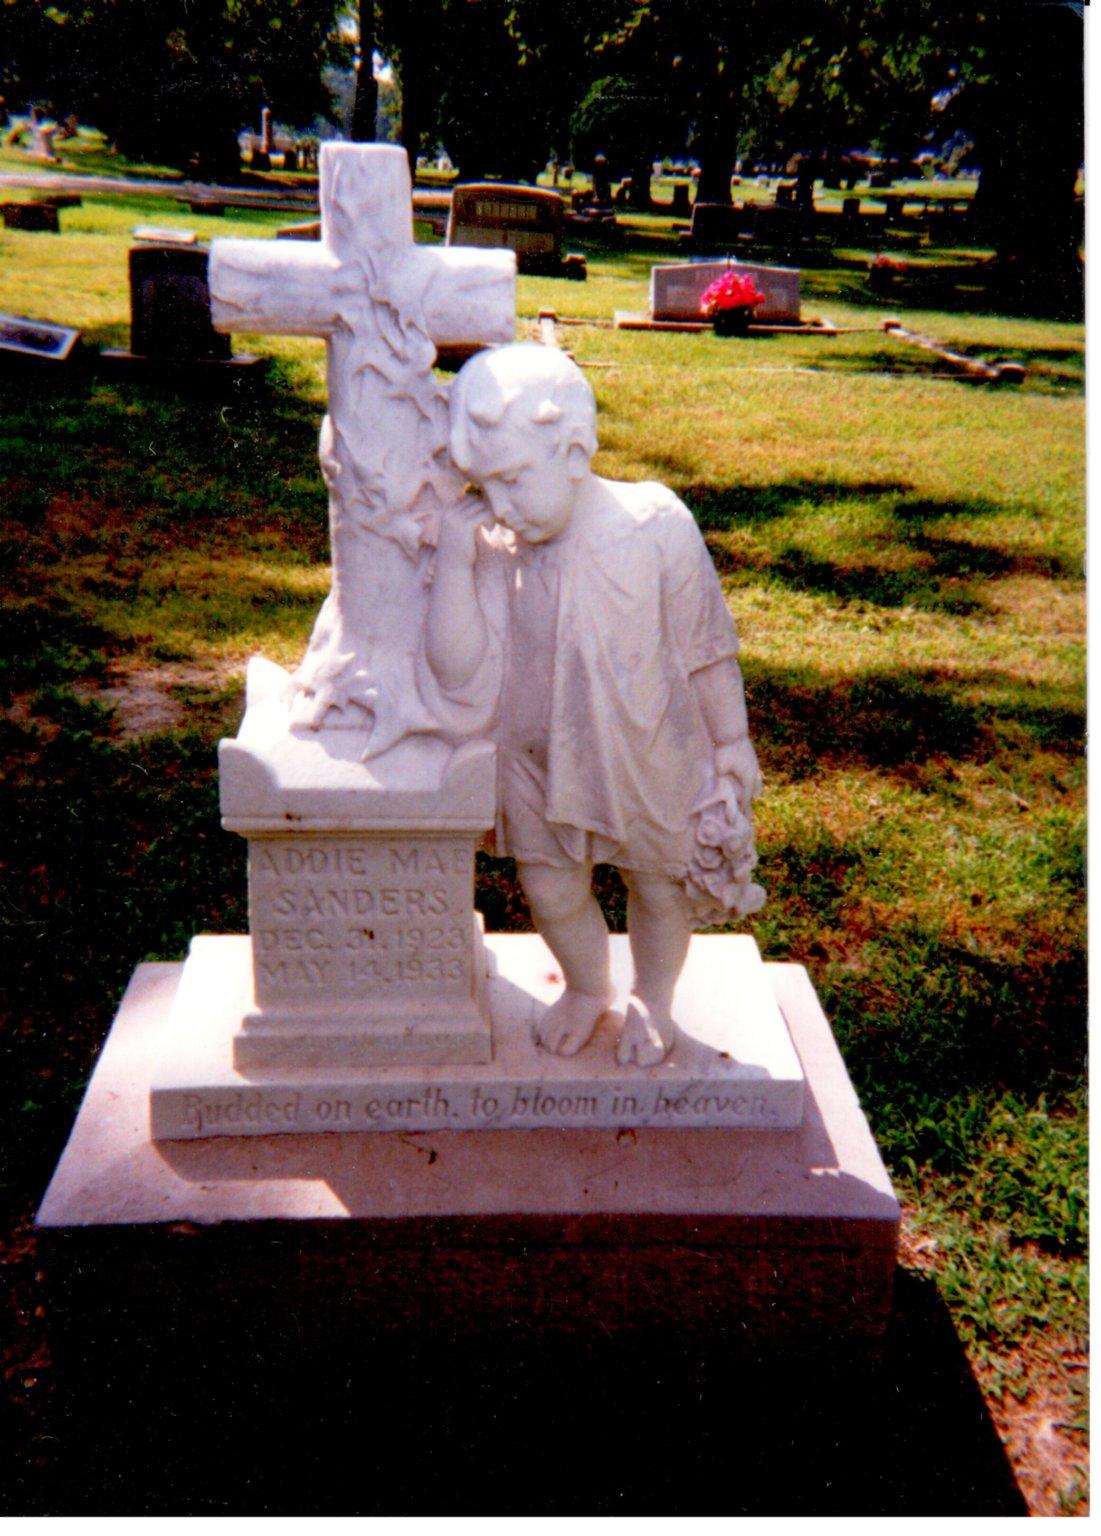 Oak Grove Cemetery, Addie Mae Sanders